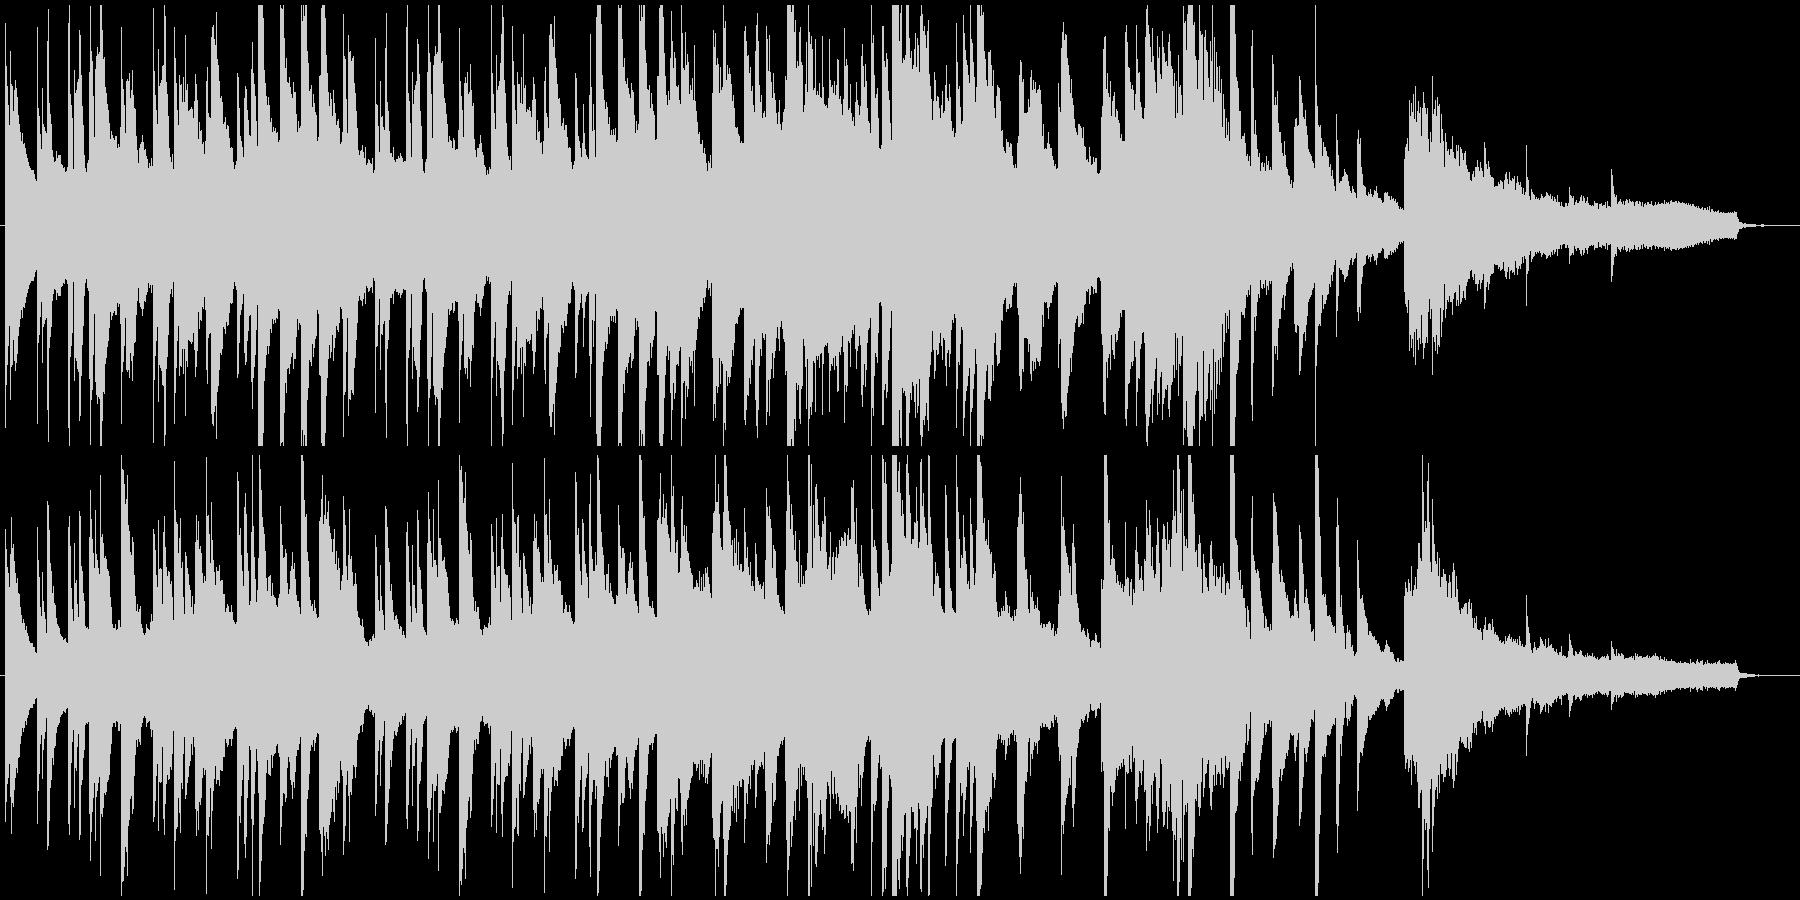 静けさと不思議さのあるピアノ楽曲の未再生の波形